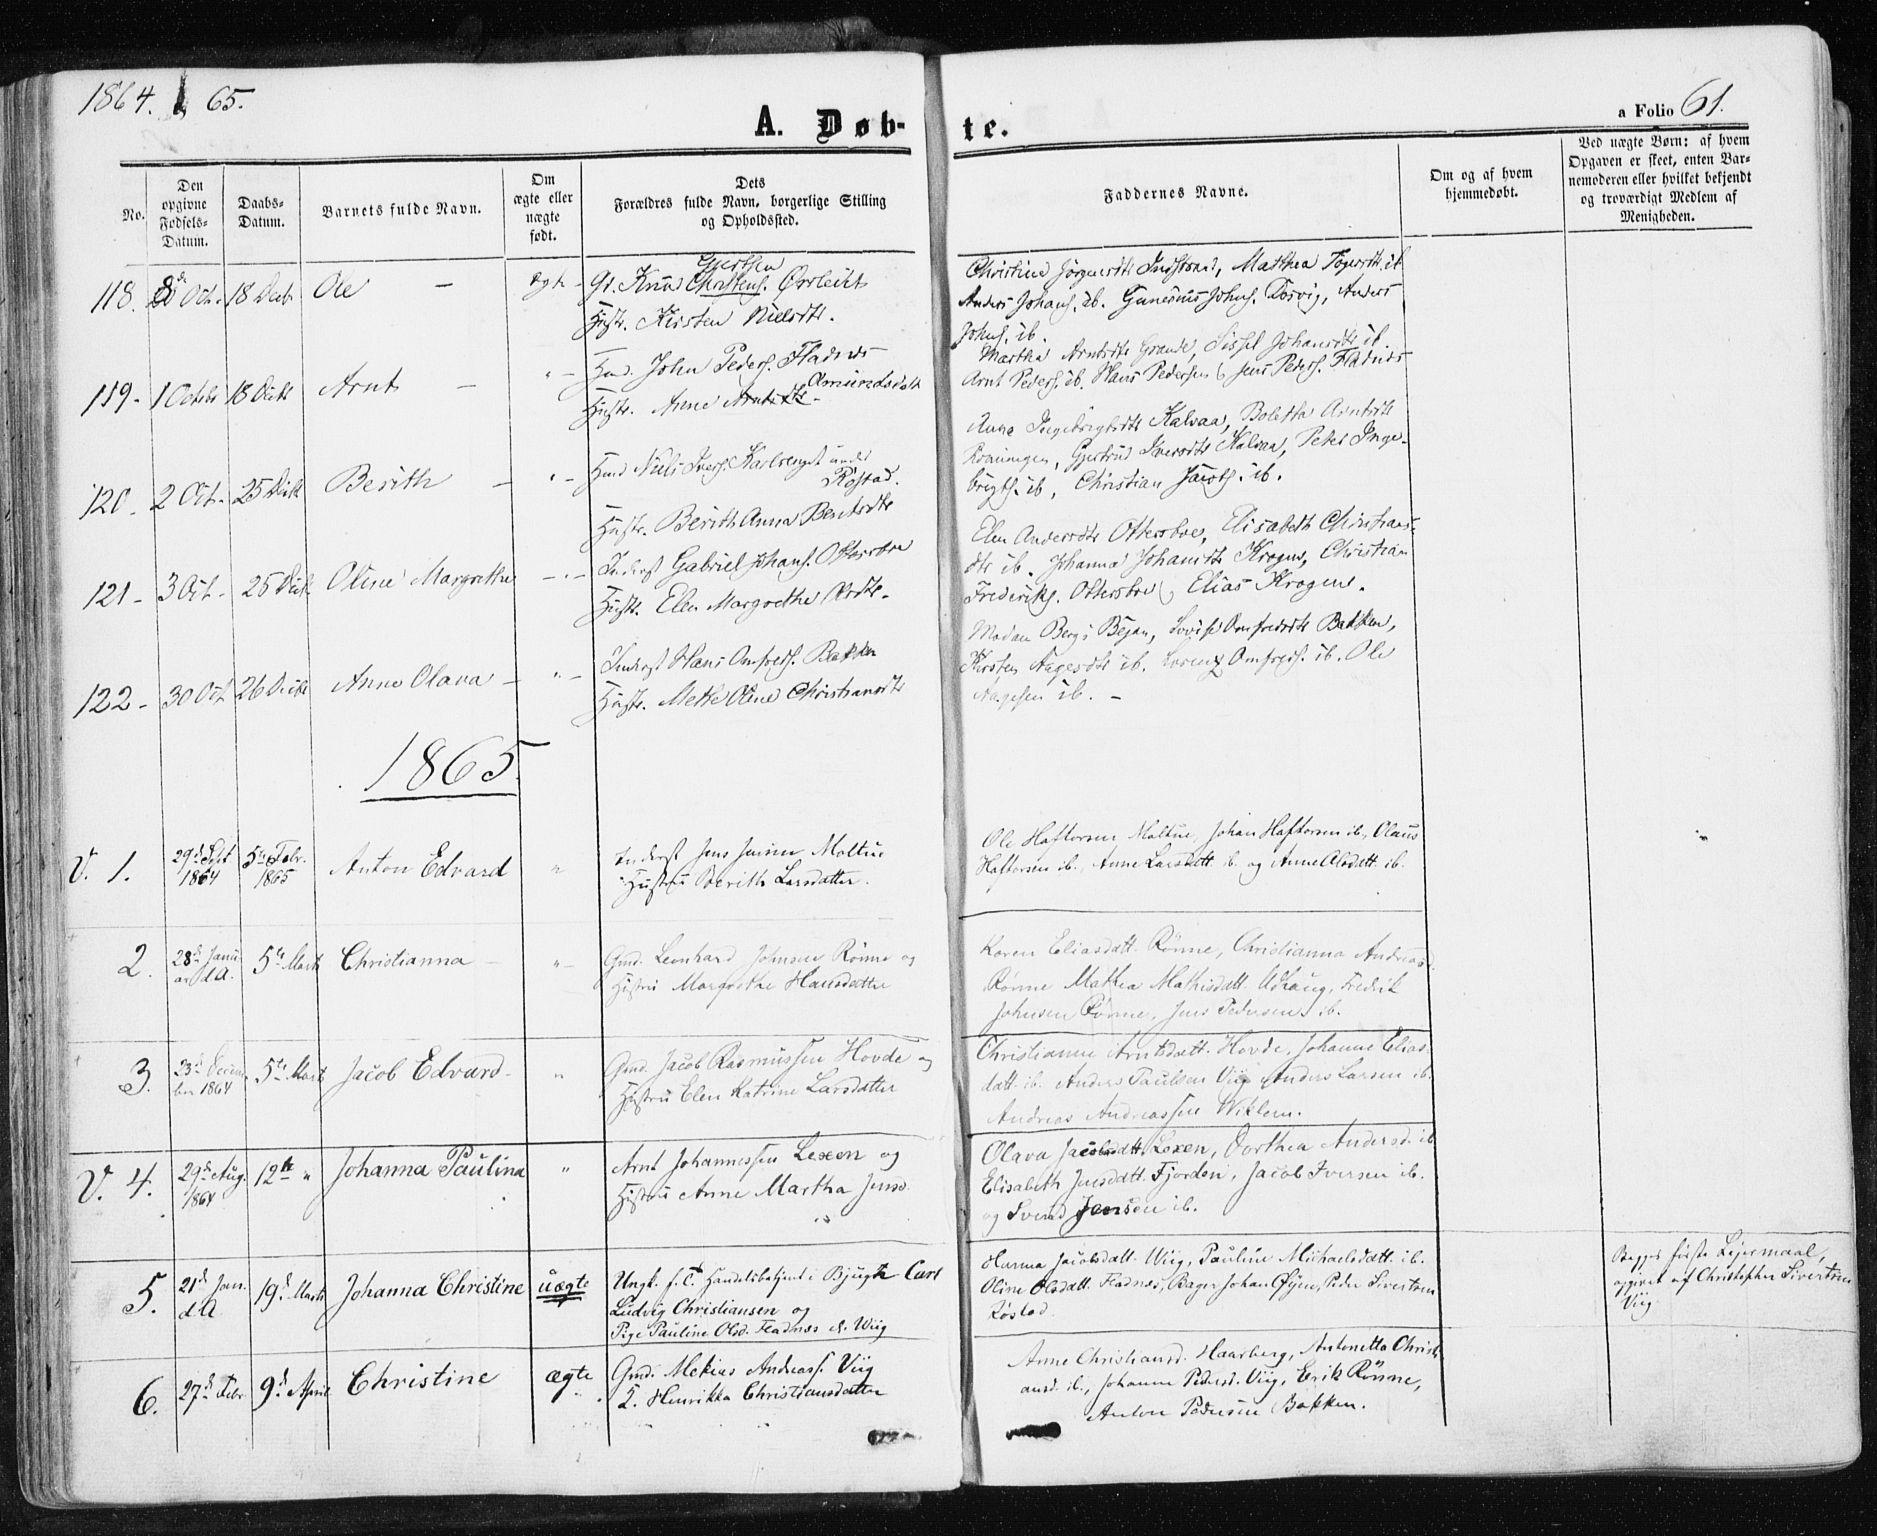 SAT, Ministerialprotokoller, klokkerbøker og fødselsregistre - Sør-Trøndelag, 659/L0737: Ministerialbok nr. 659A07, 1857-1875, s. 61